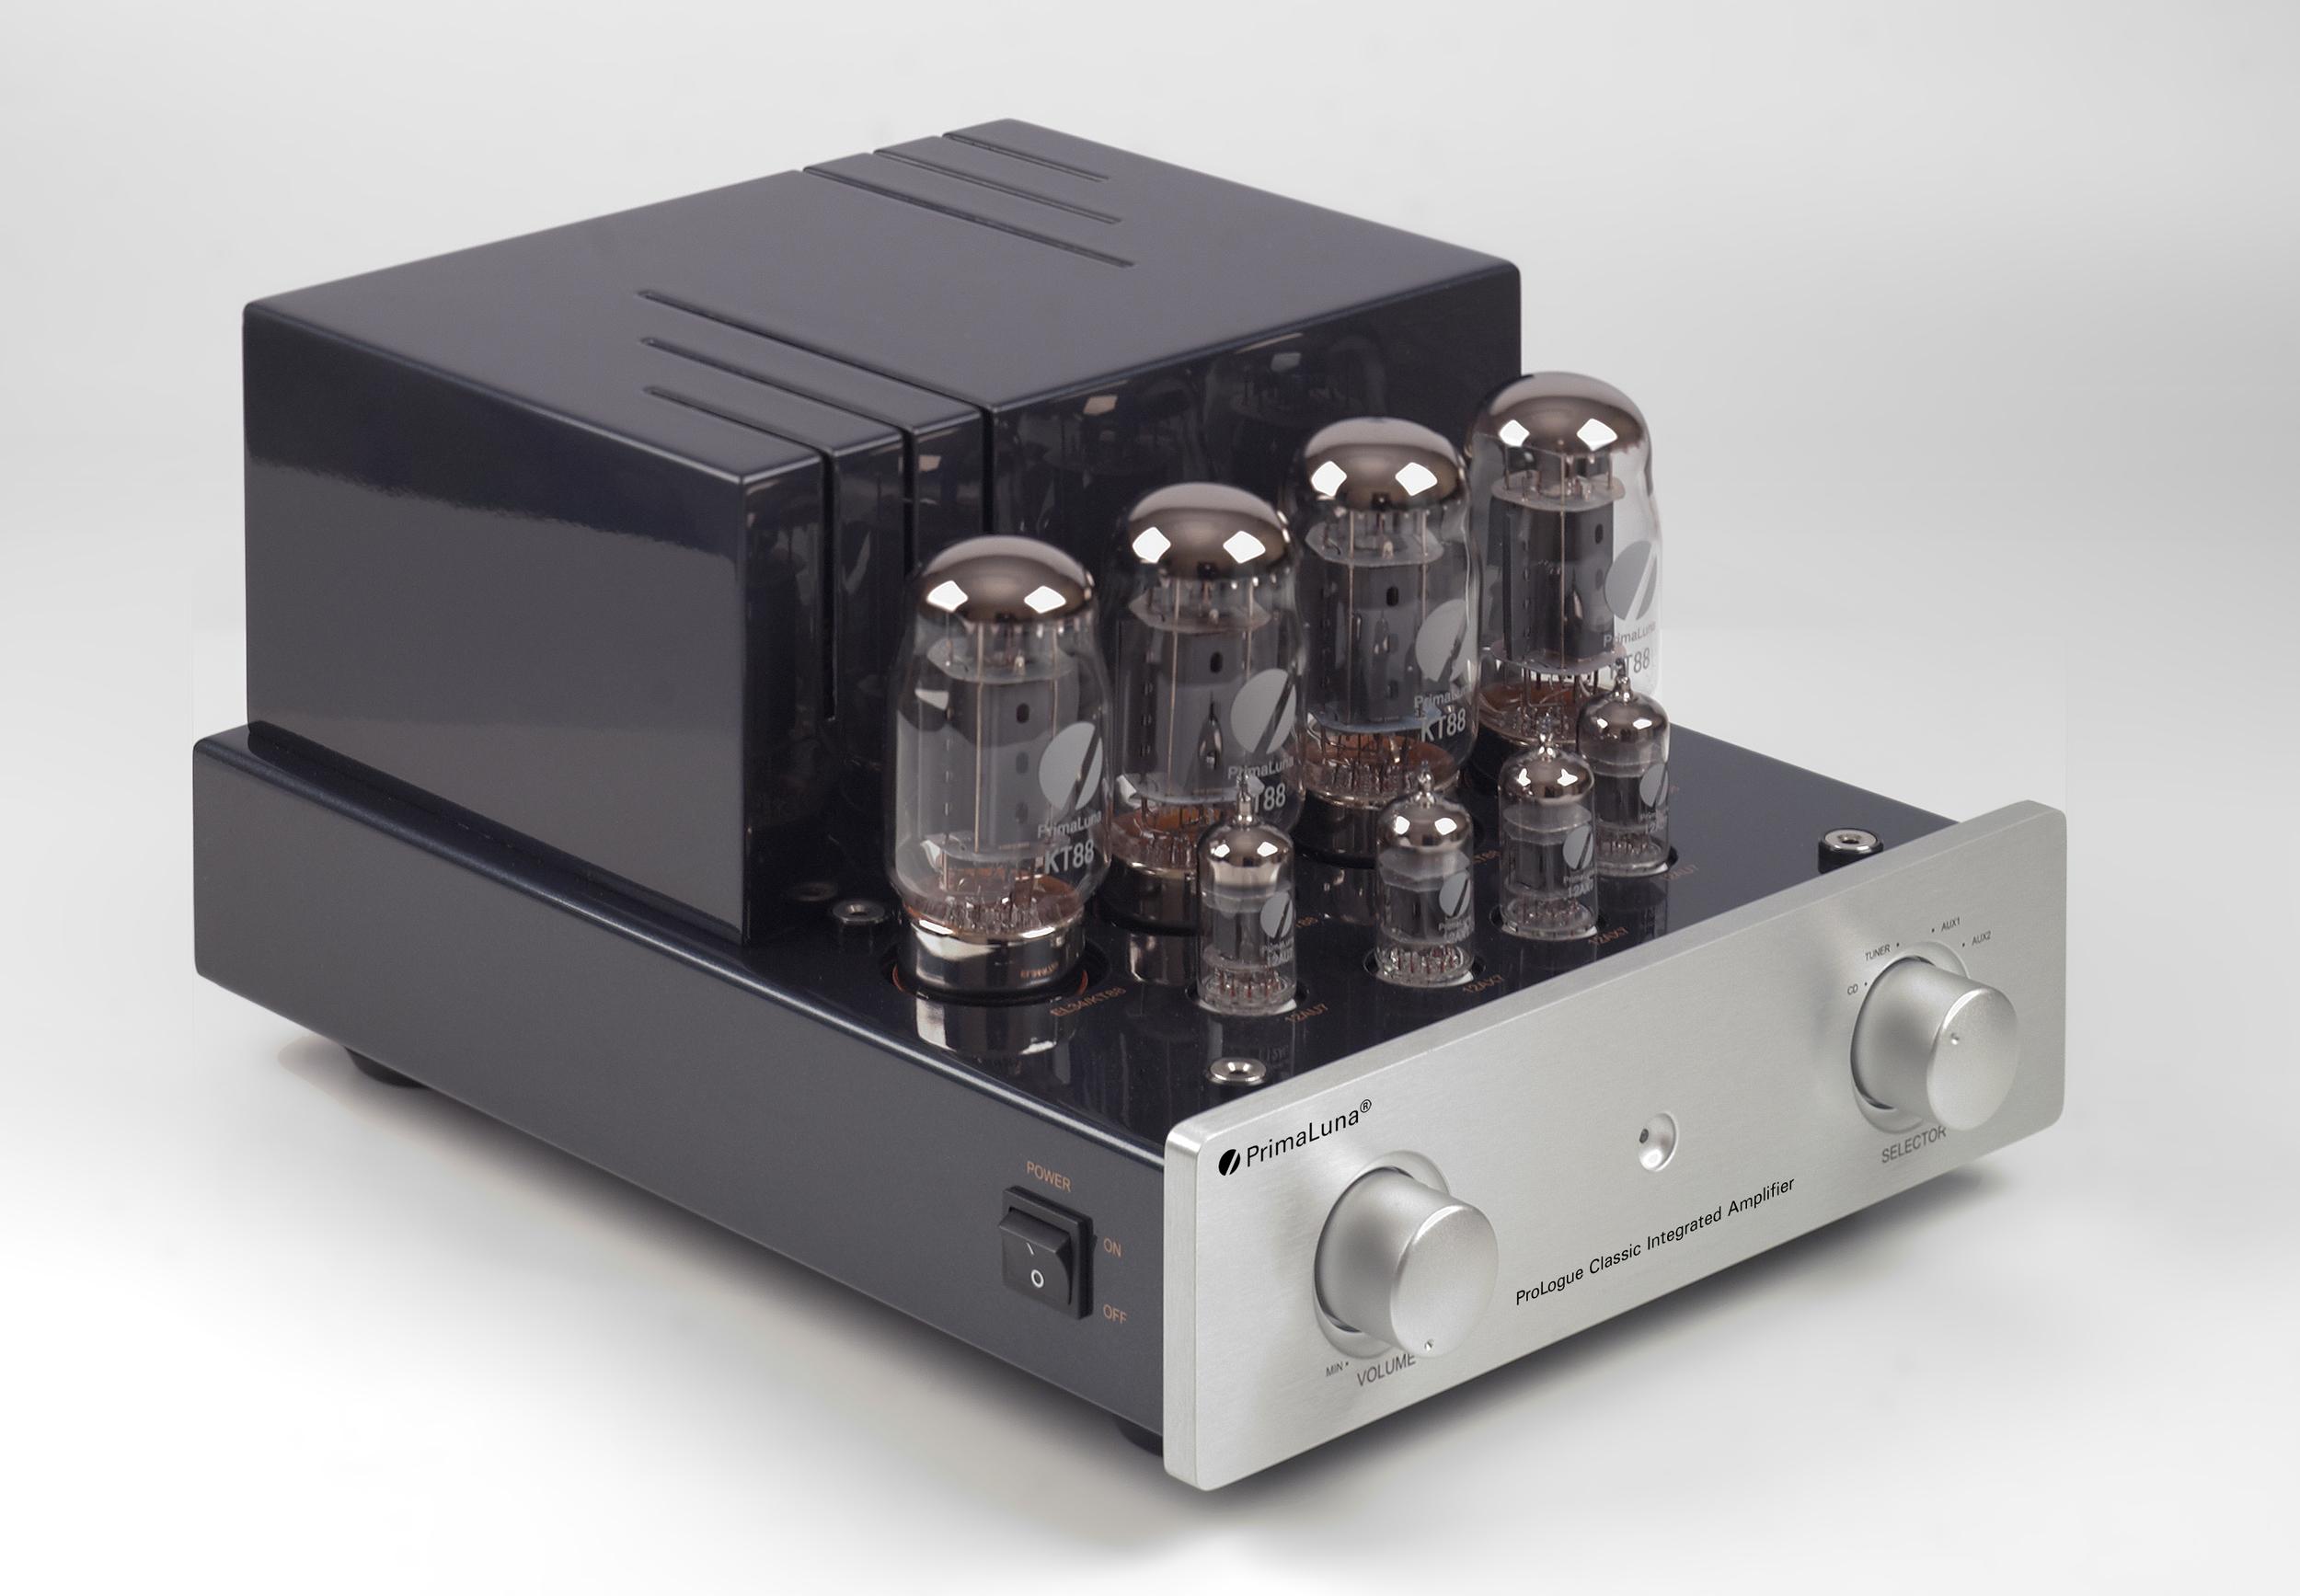 001-PrimaLuna Classic Integrated Amplifier-zilver.jpg